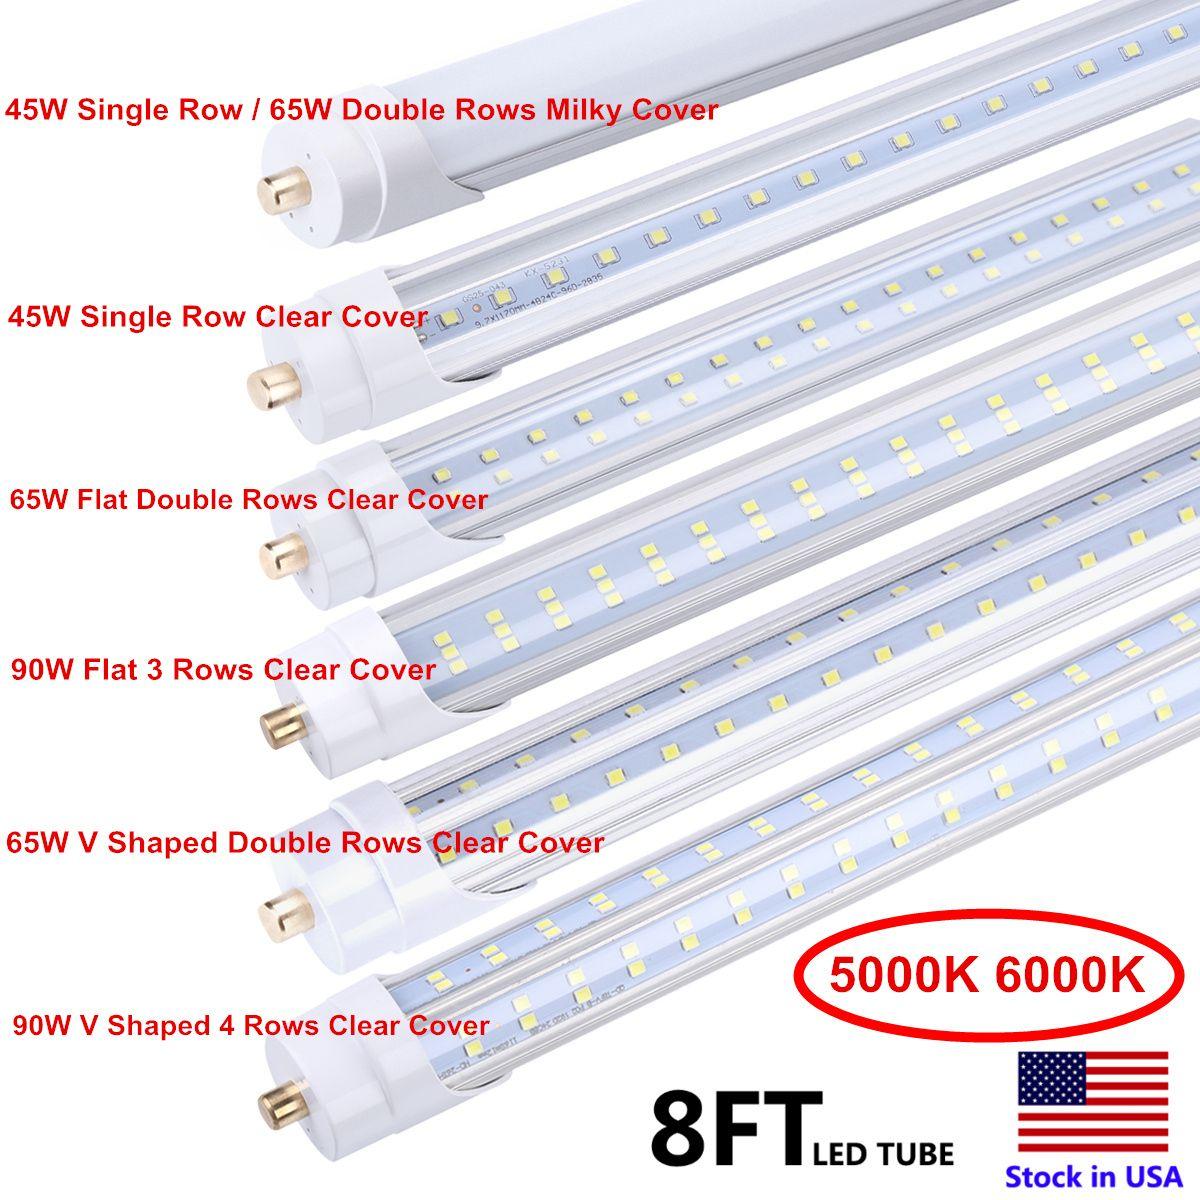 6500K 45W 단일 핀 FA8 LED 튜브 T8 8피트기구 8 feeet LED 형광 램프 AC85-265V 8피트 LED 튜브 라이트